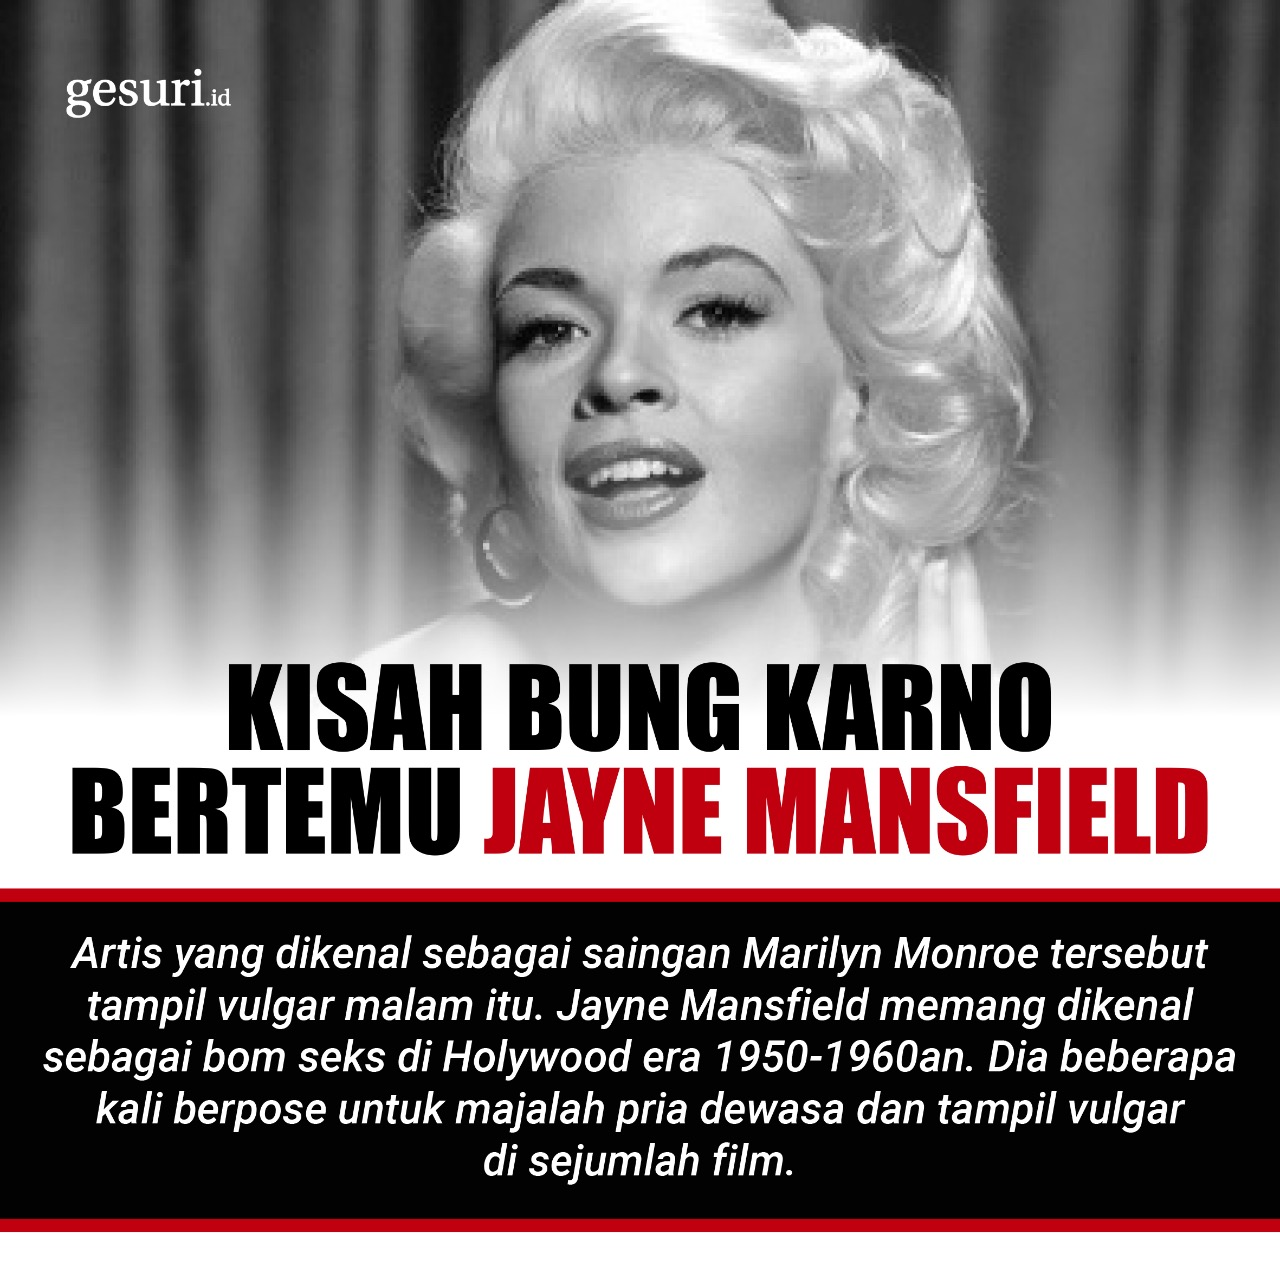 Kisah Menarik Bung Karno Bertemu Jayne Mansfield